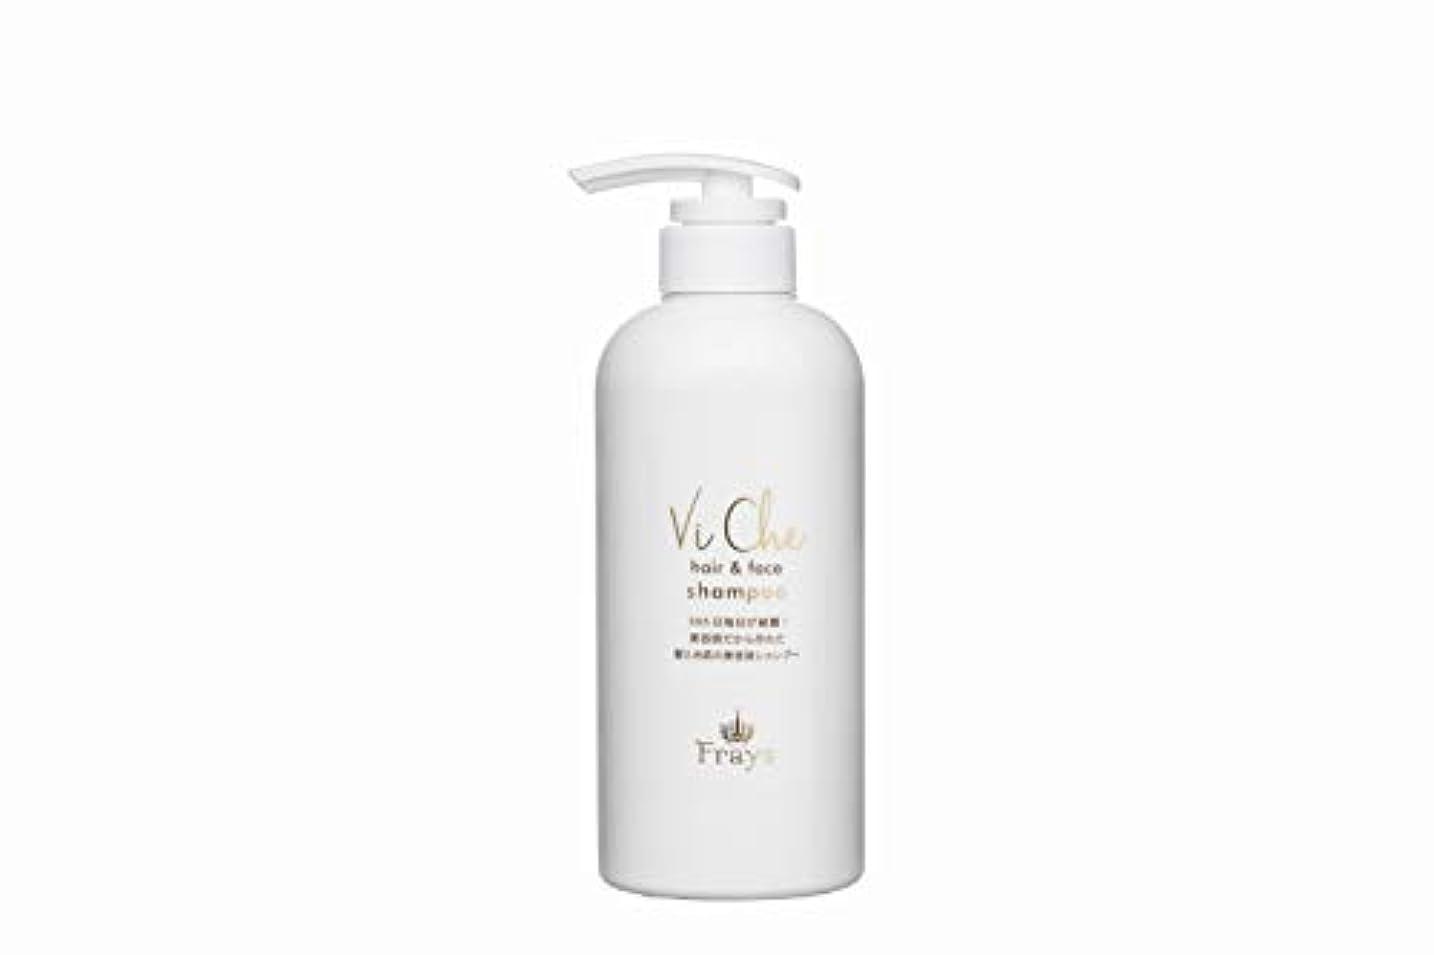 粒子創始者平和ViChe hair&face shampoo